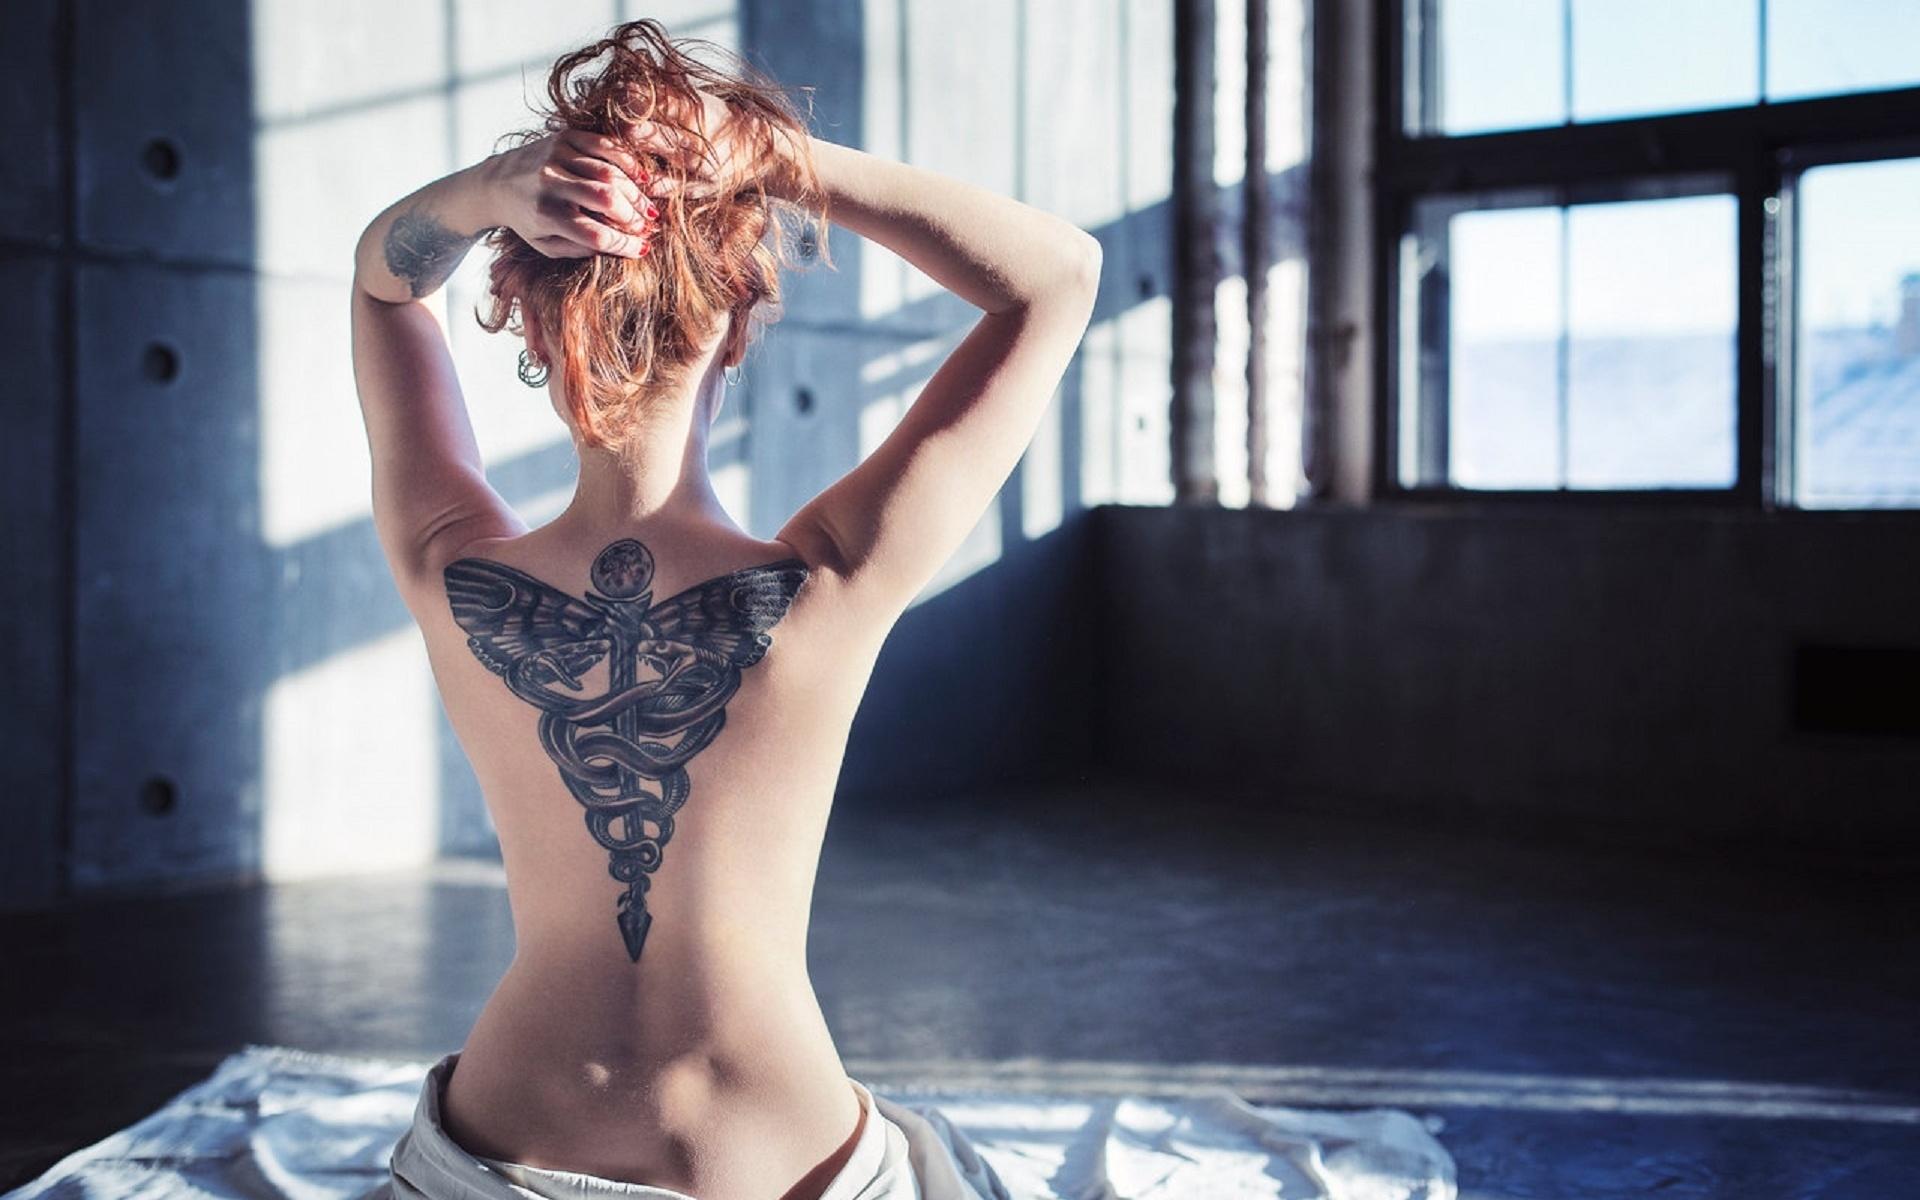 Рыжая девушка с наколкой на спине фото, Голая рыжая девушка с татуировками Похожие фото 1 фотография